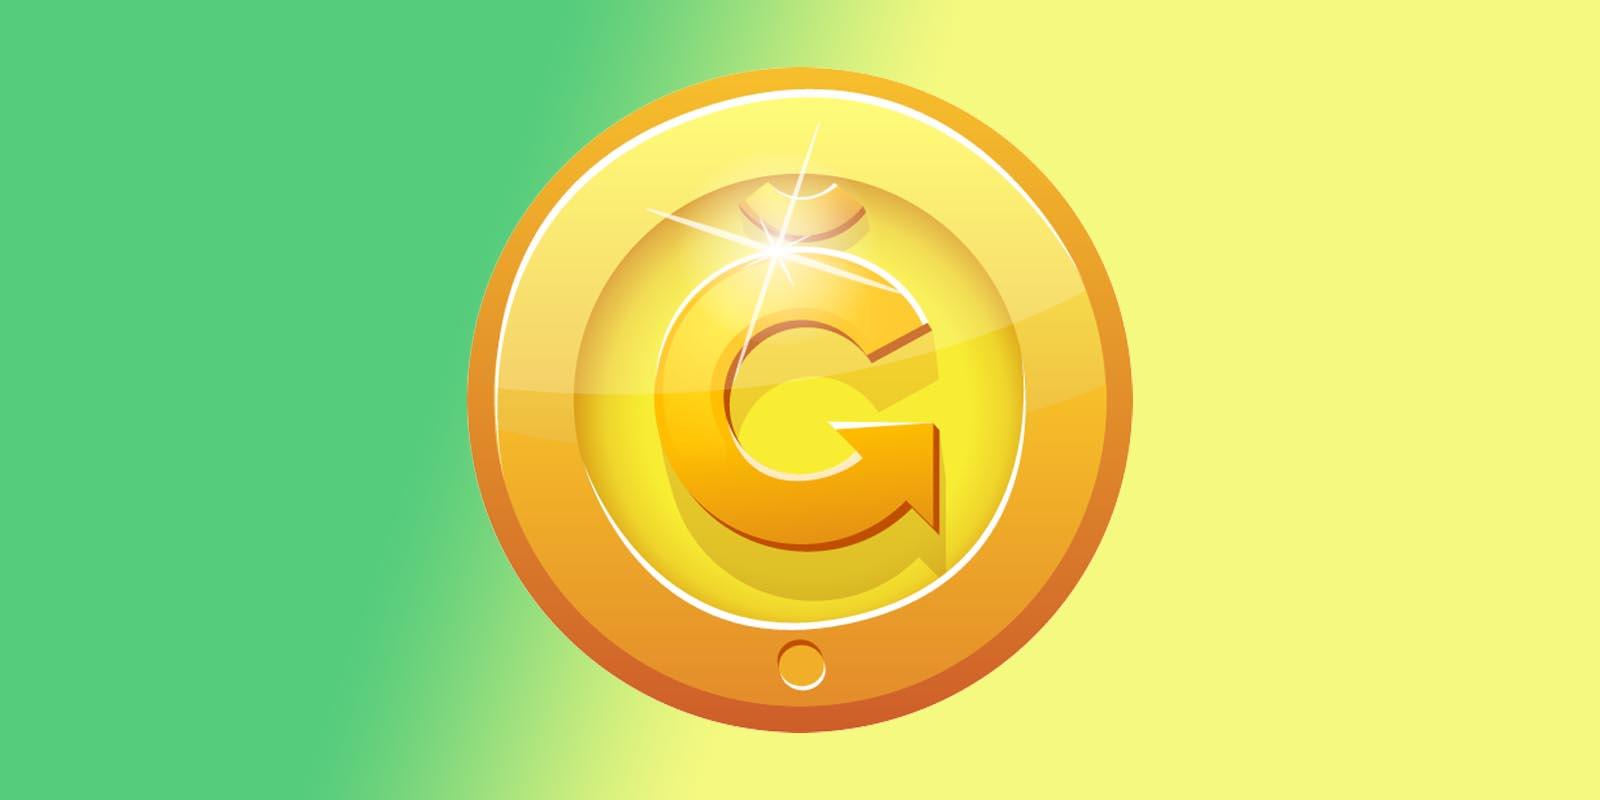 g1 june